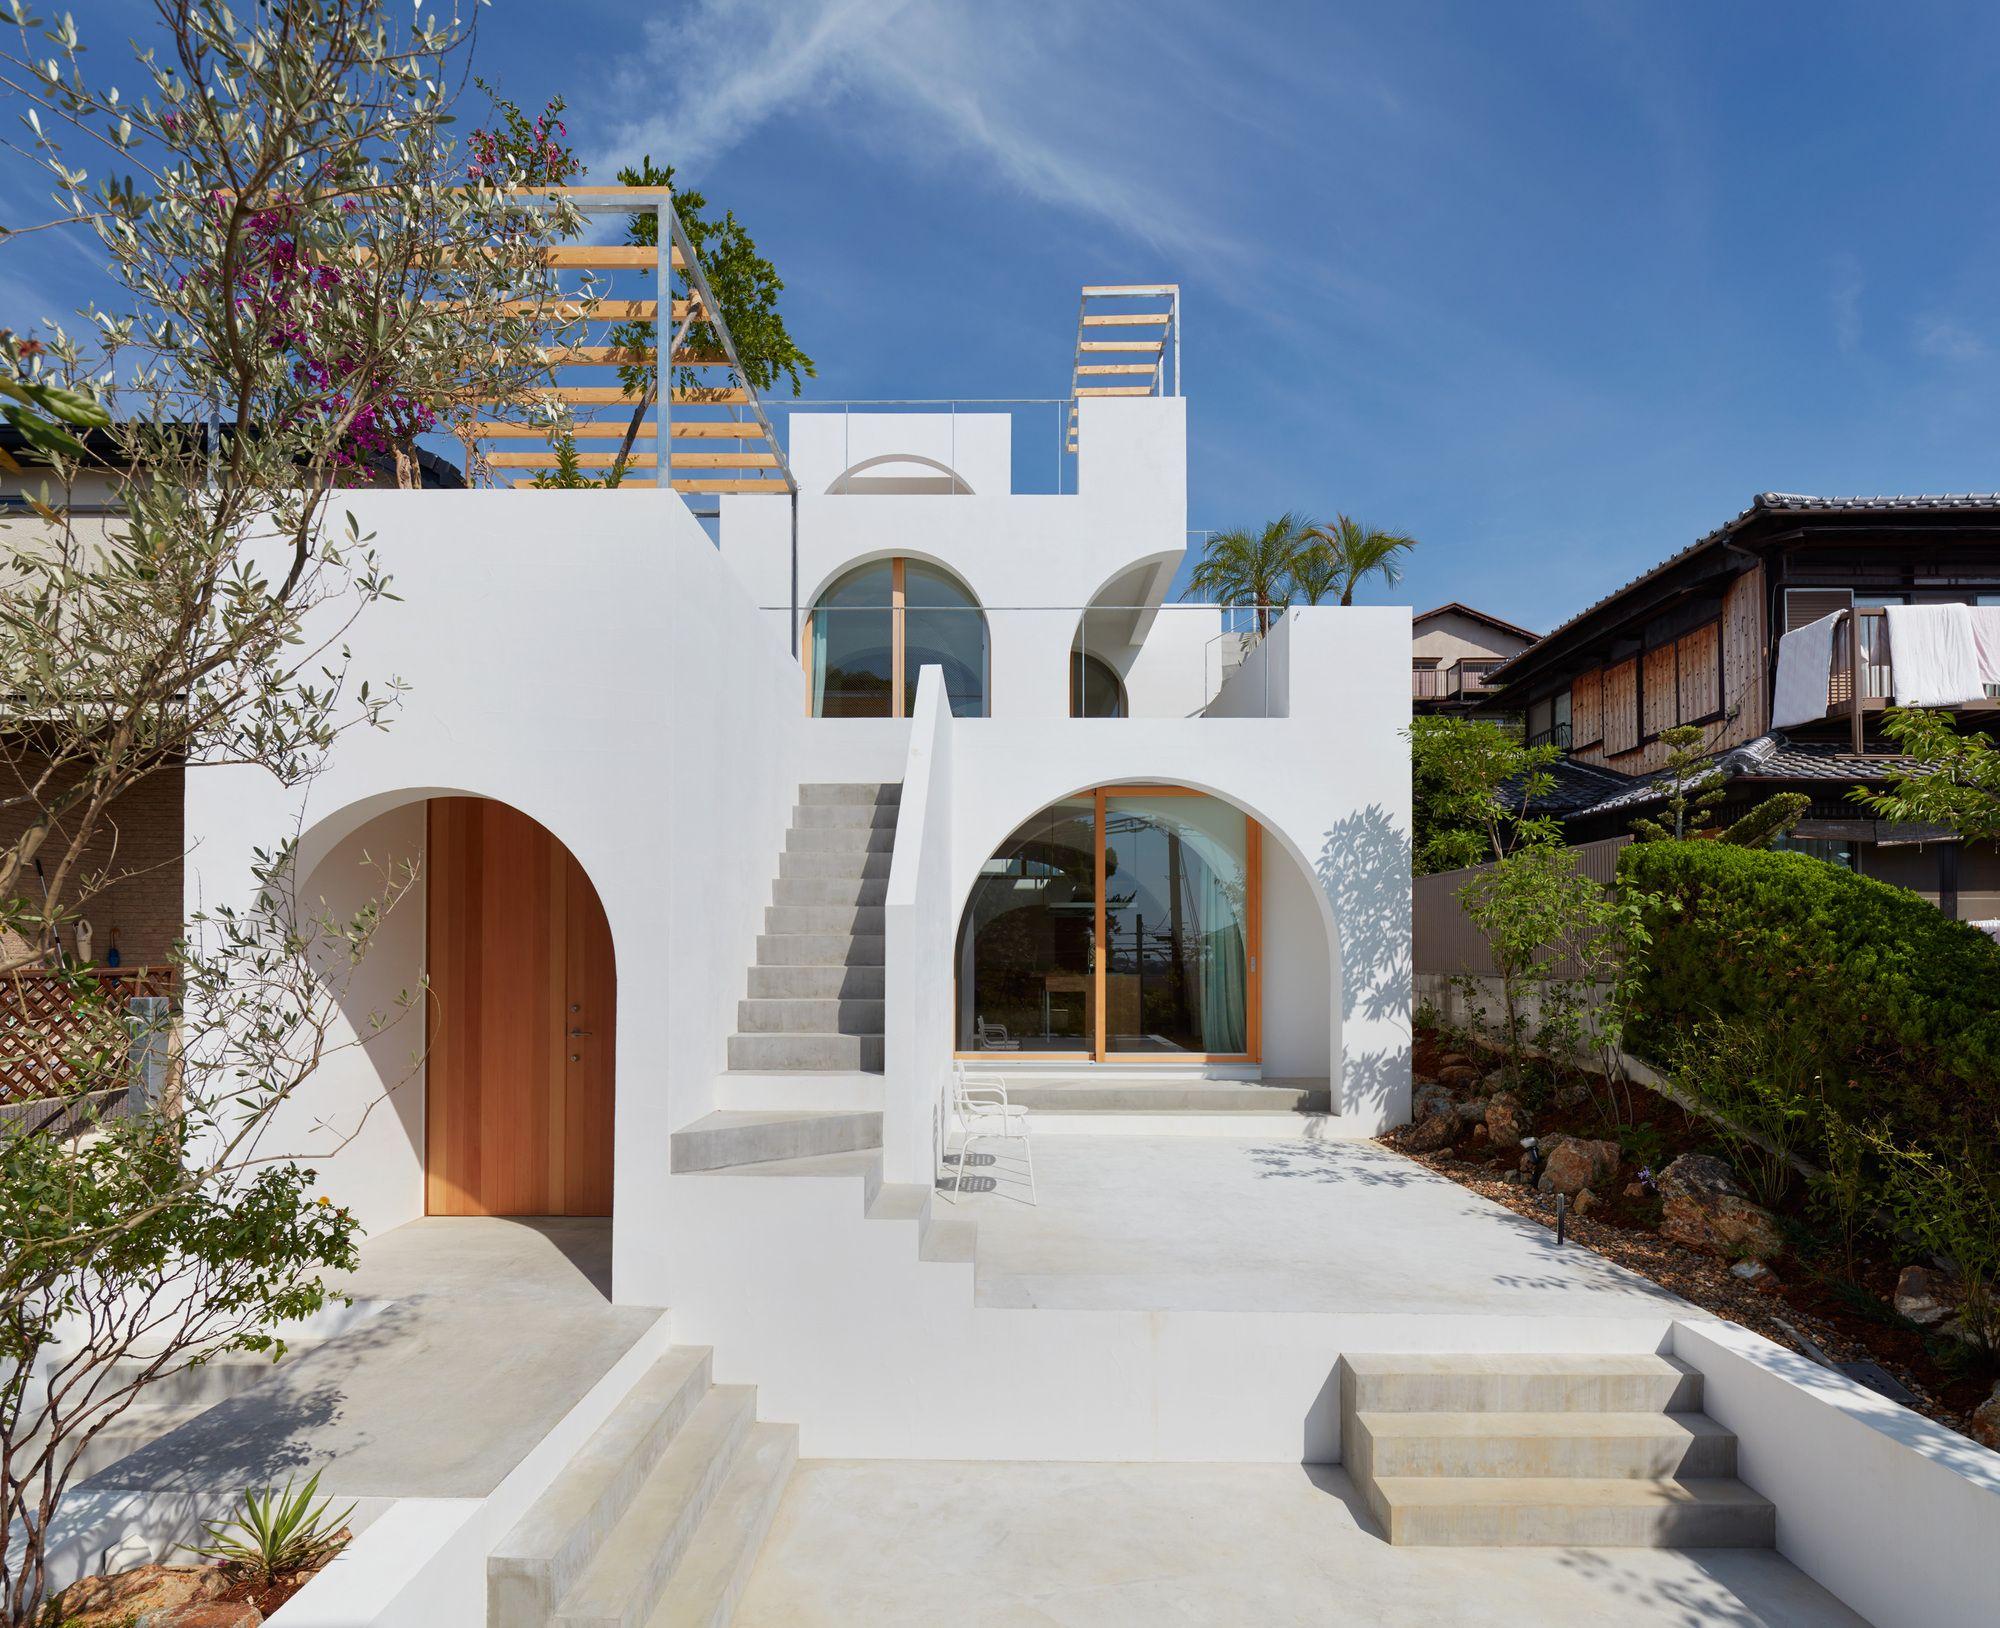 Nhà Ở Phong Cách Địa Trung Hải